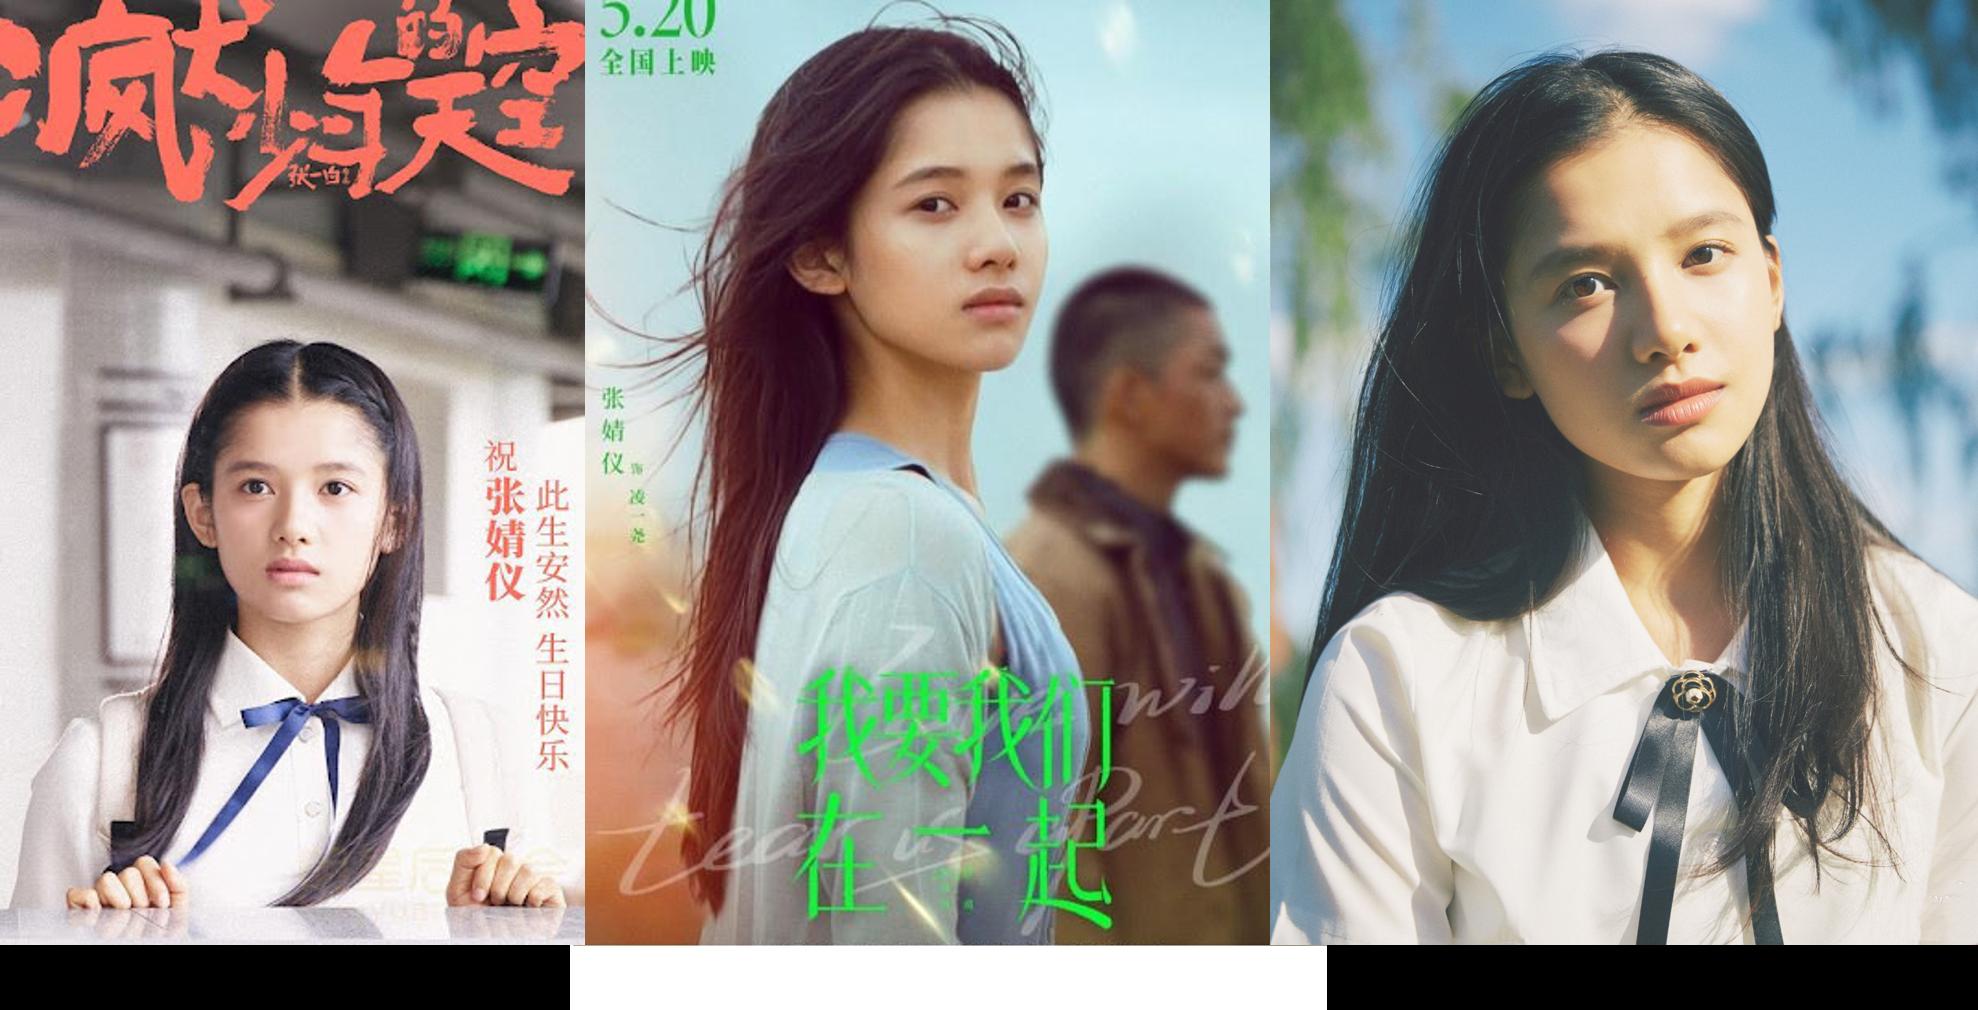 Trương Tịnh Nghi từng tham gia hai phim đề tài thanh xuân là Anh muốn chúng ta ở bên nhau, Bầu trời của thiếu niên phong khuyển. Trong cả hai bộ phim, mỹ nhân sinh năm 1999 đều để mái tóc suôn dài, trang điểm nhẹ nhàng và diễn vai có nội tâm tương đối phức tạp.